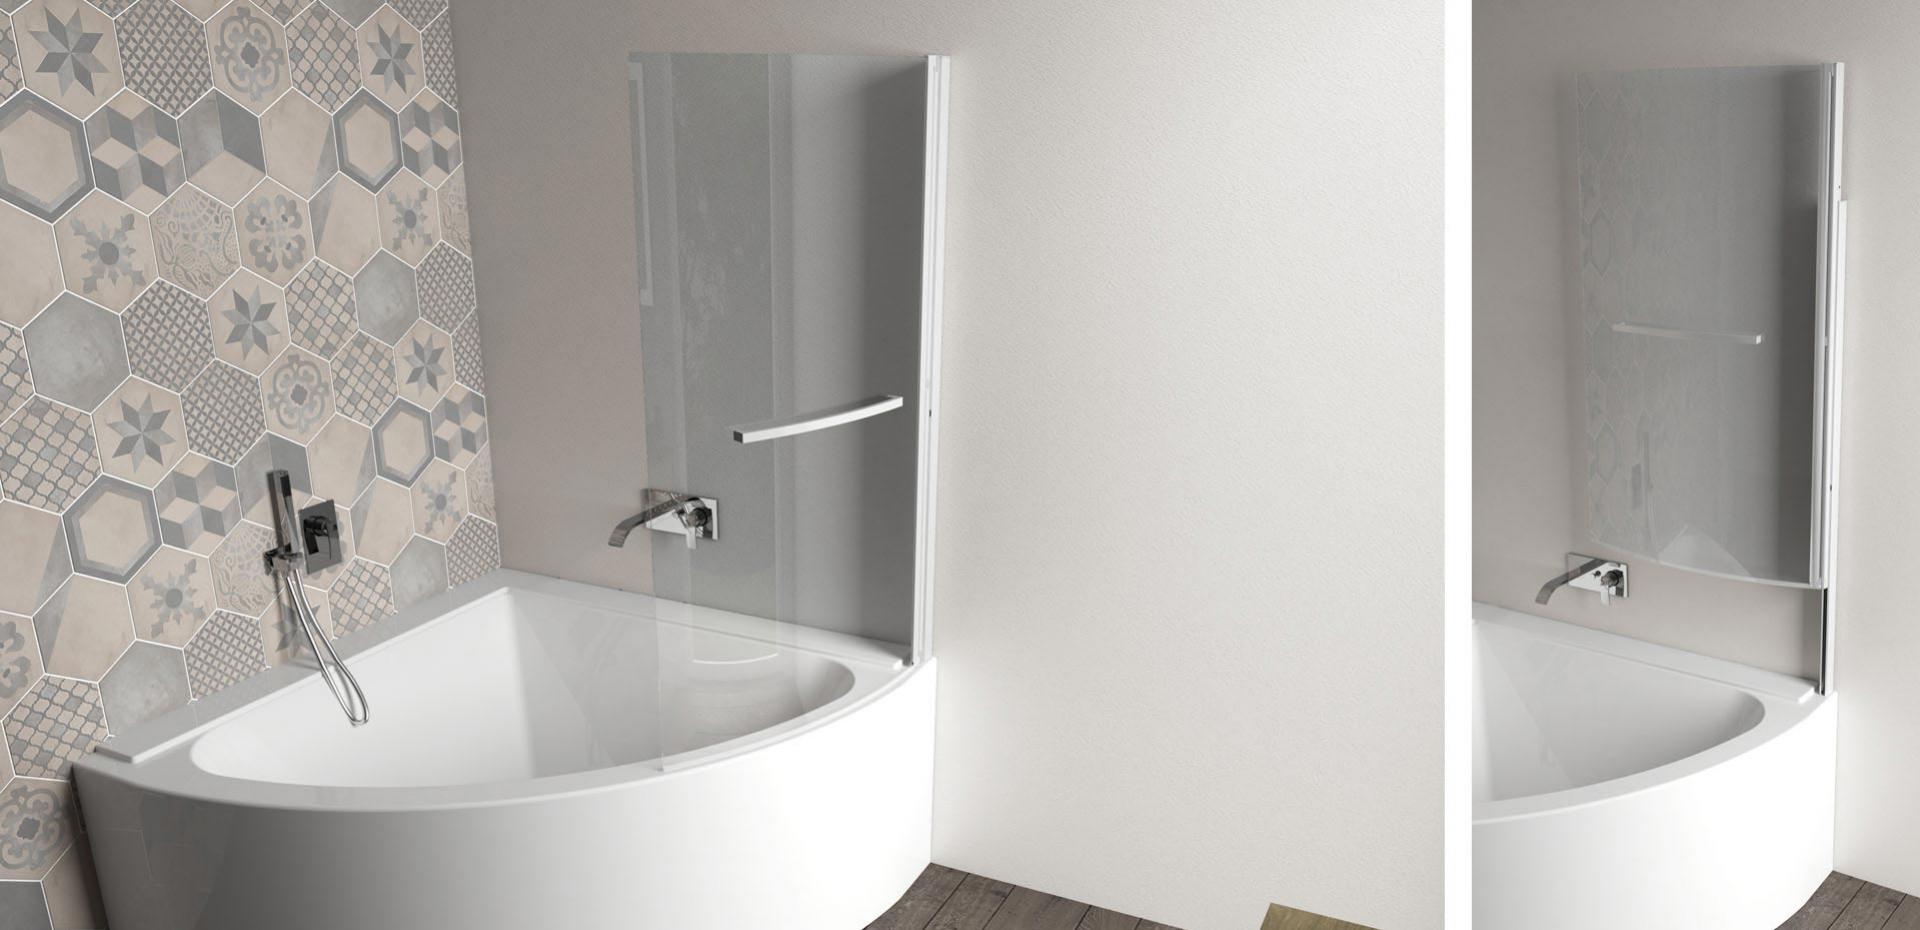 Jacuzzi - Pare-baignoire relevable Curva